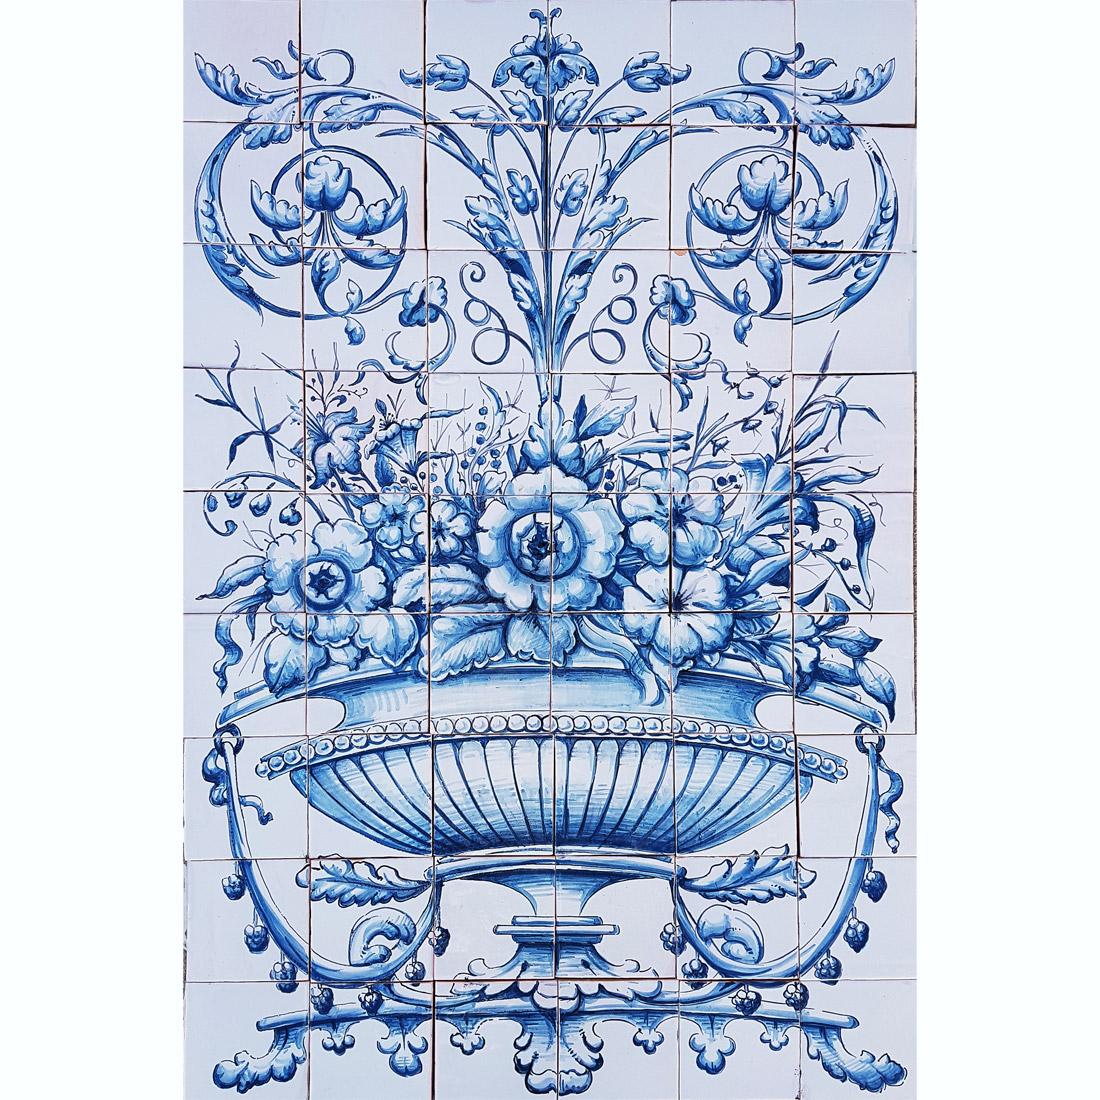 Mural canasto flores cefoarte - Murales de azulejos ...